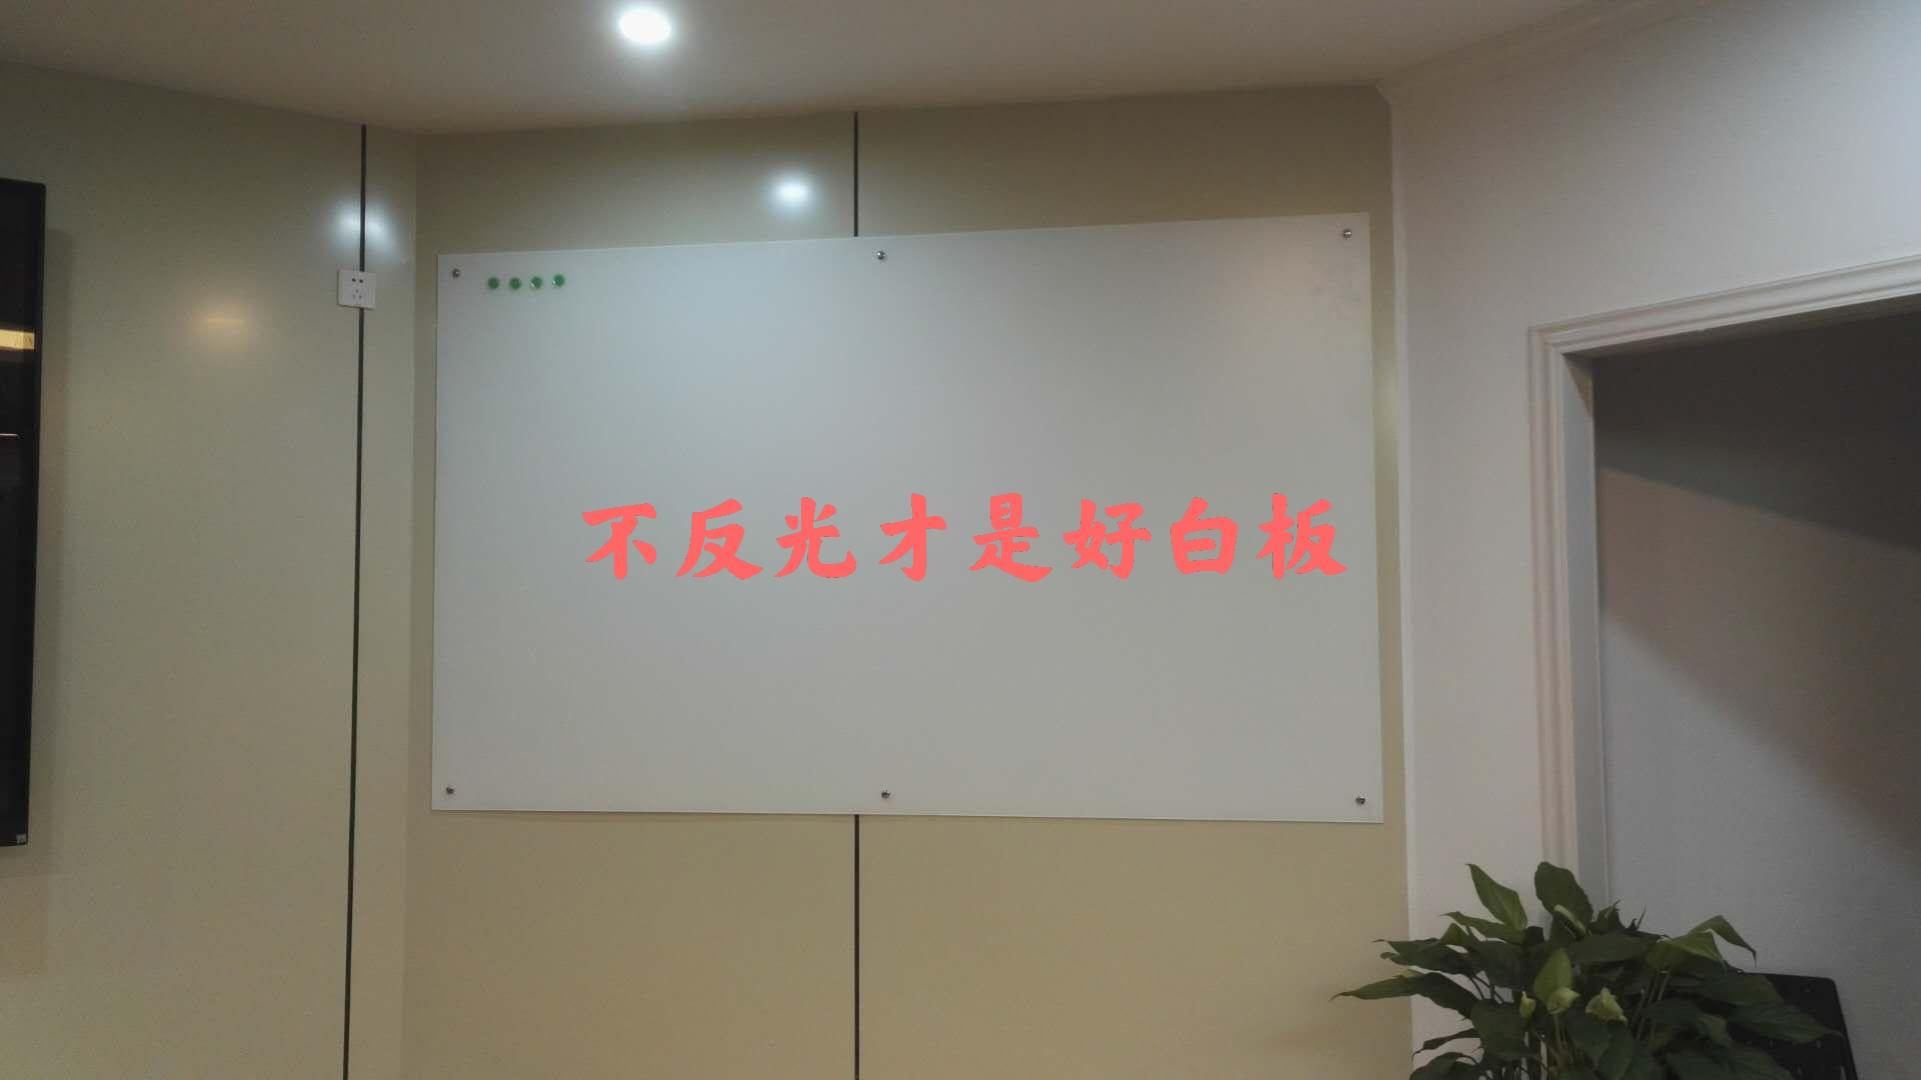 防爆磁気マット投影ガラス白板オフィス会議教学ボード上海蘇州無錫配送可能